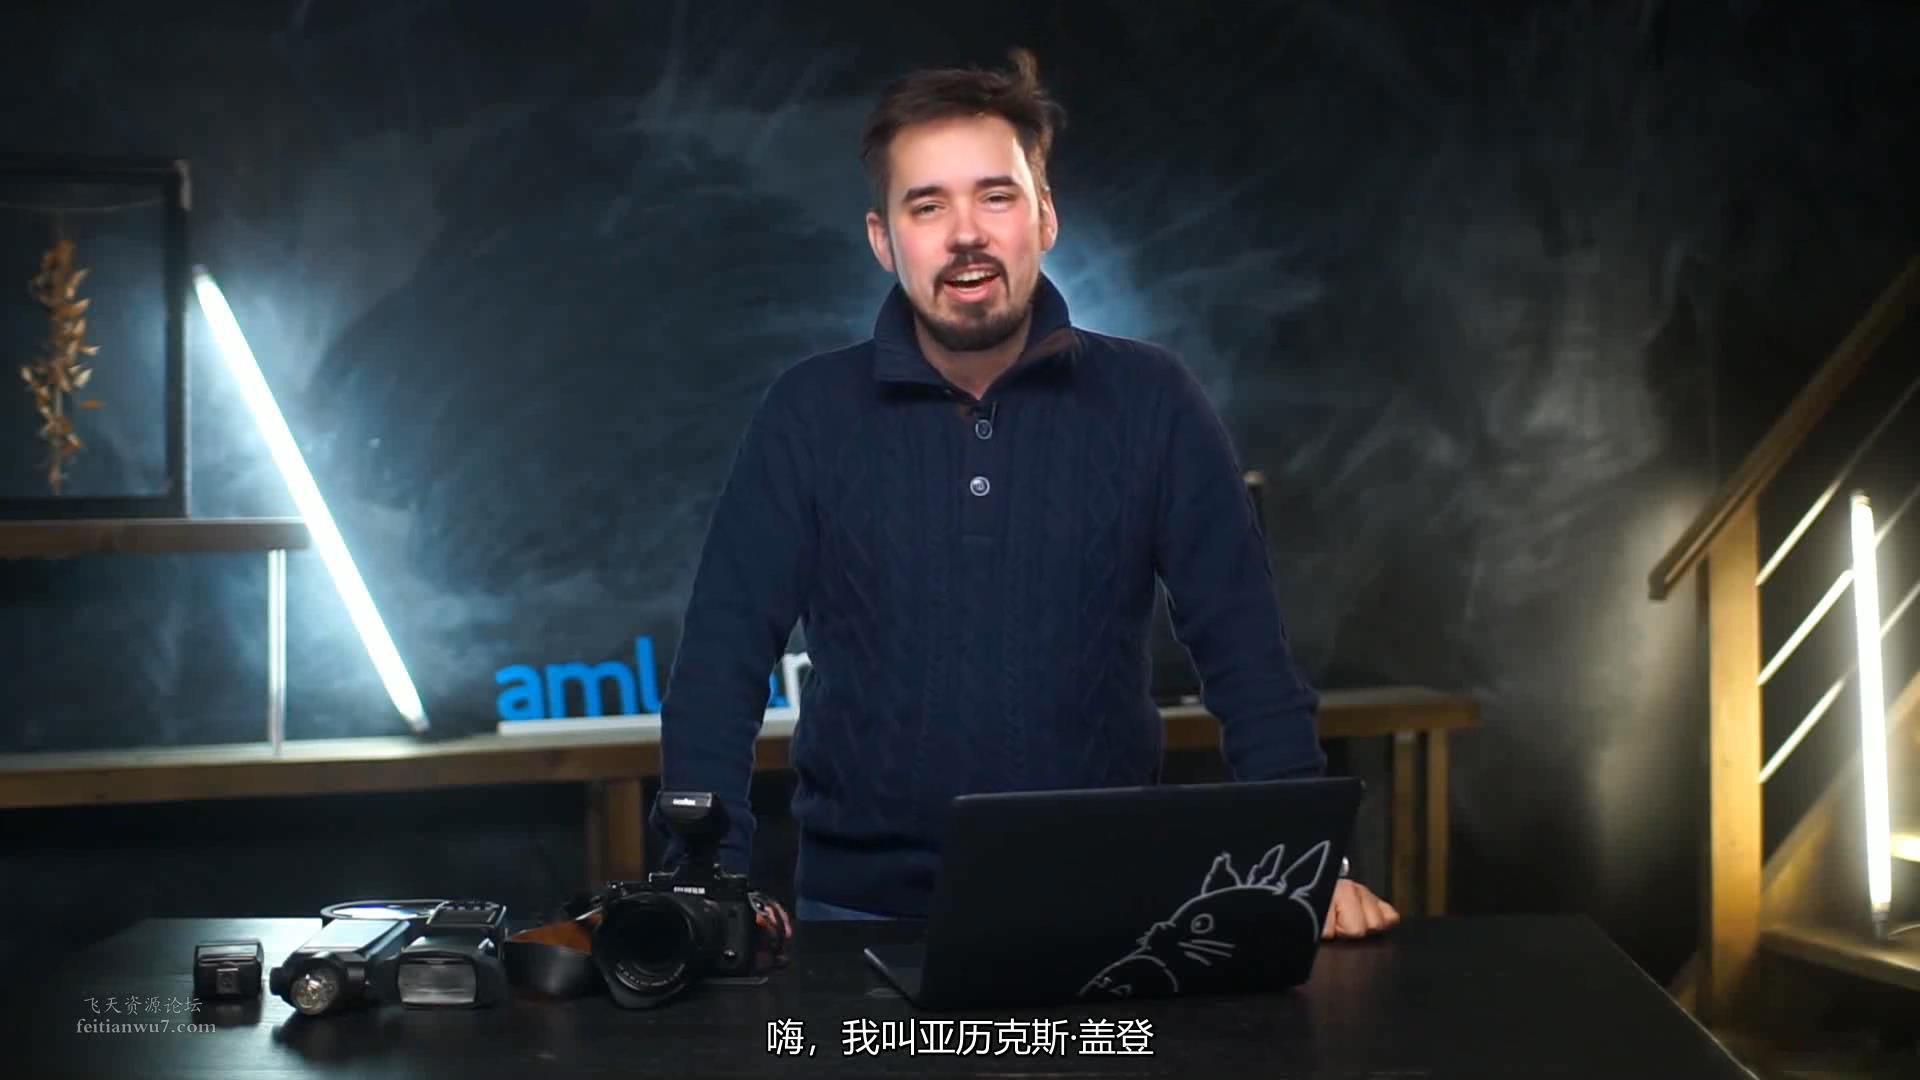 摄影教程_Alexey Gaidin实践30多种人造光闪光灯摄影布光教程-中文字幕 摄影教程 _预览图2